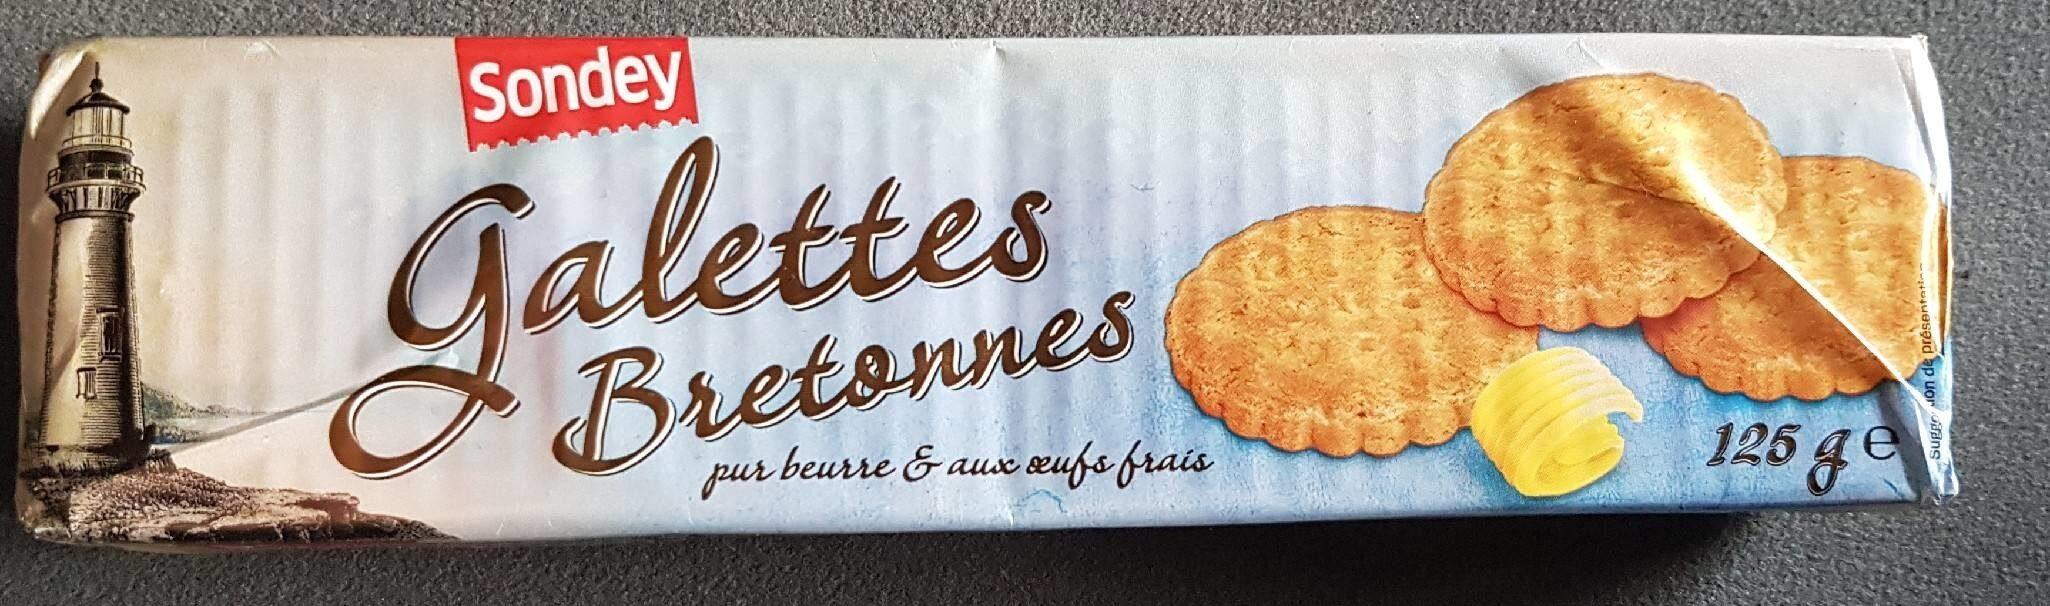 Galette bretonne - Produit - fr